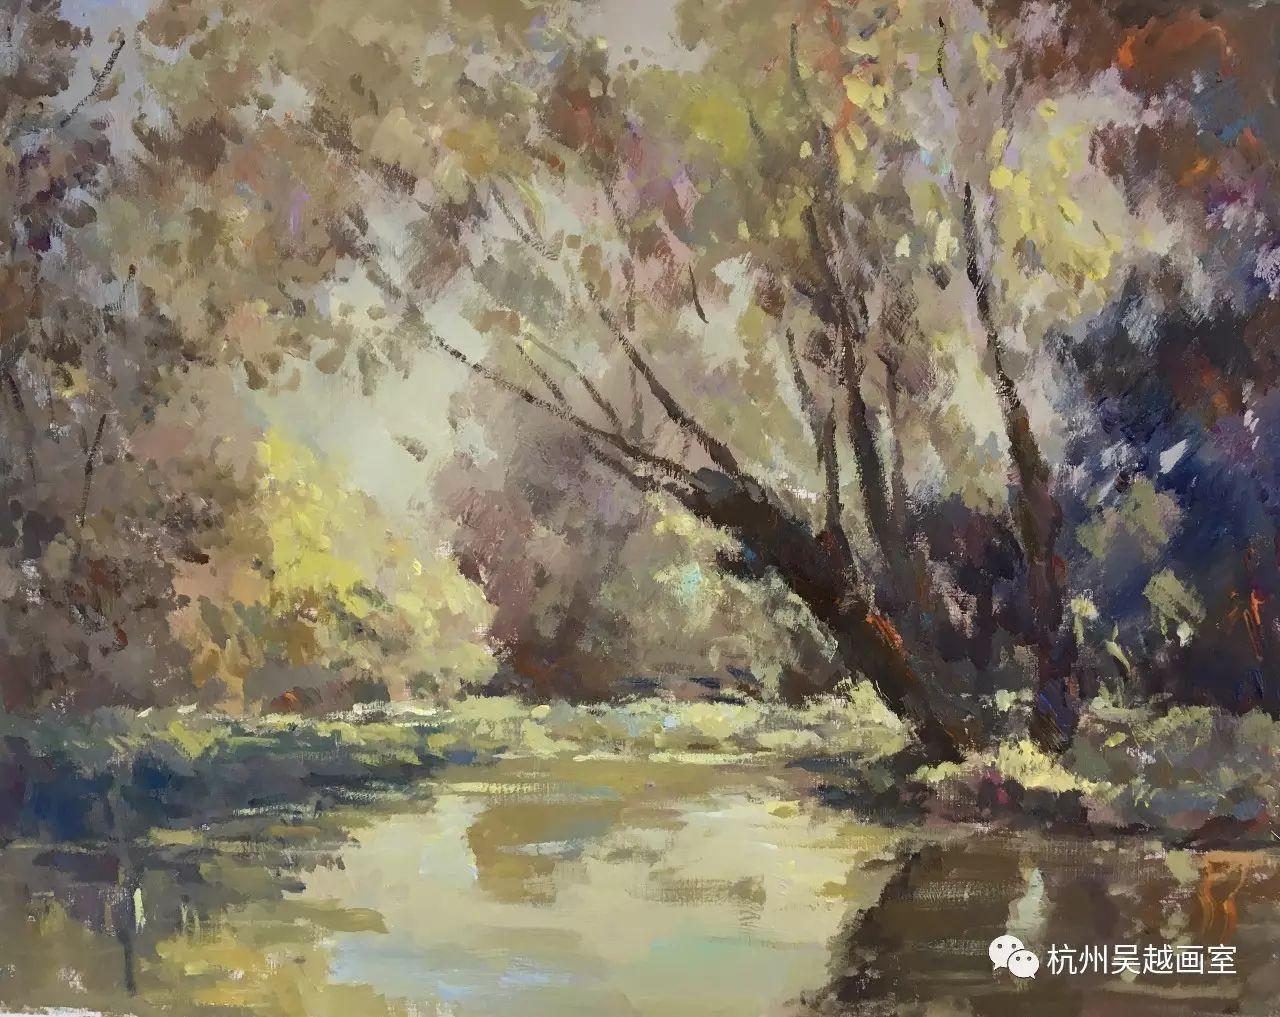 绘画教程丨色彩风景篇:想要风景画的好,先从大师风景开始入手!